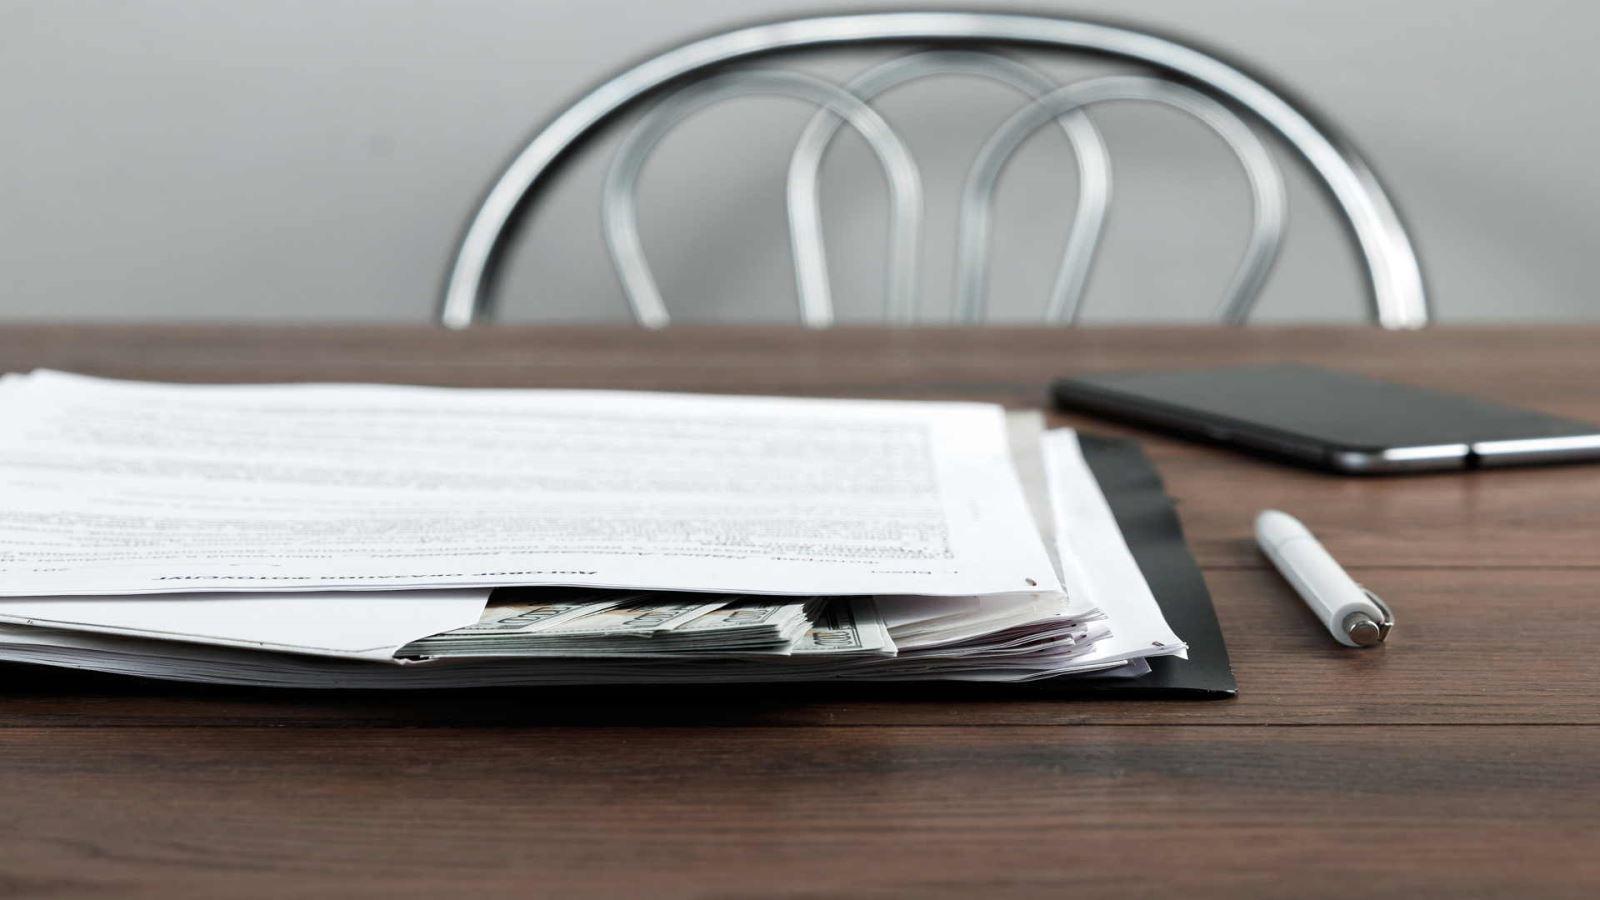 הגשת תביעה לפיצויים לעובדים במקרה של פירוק חברה